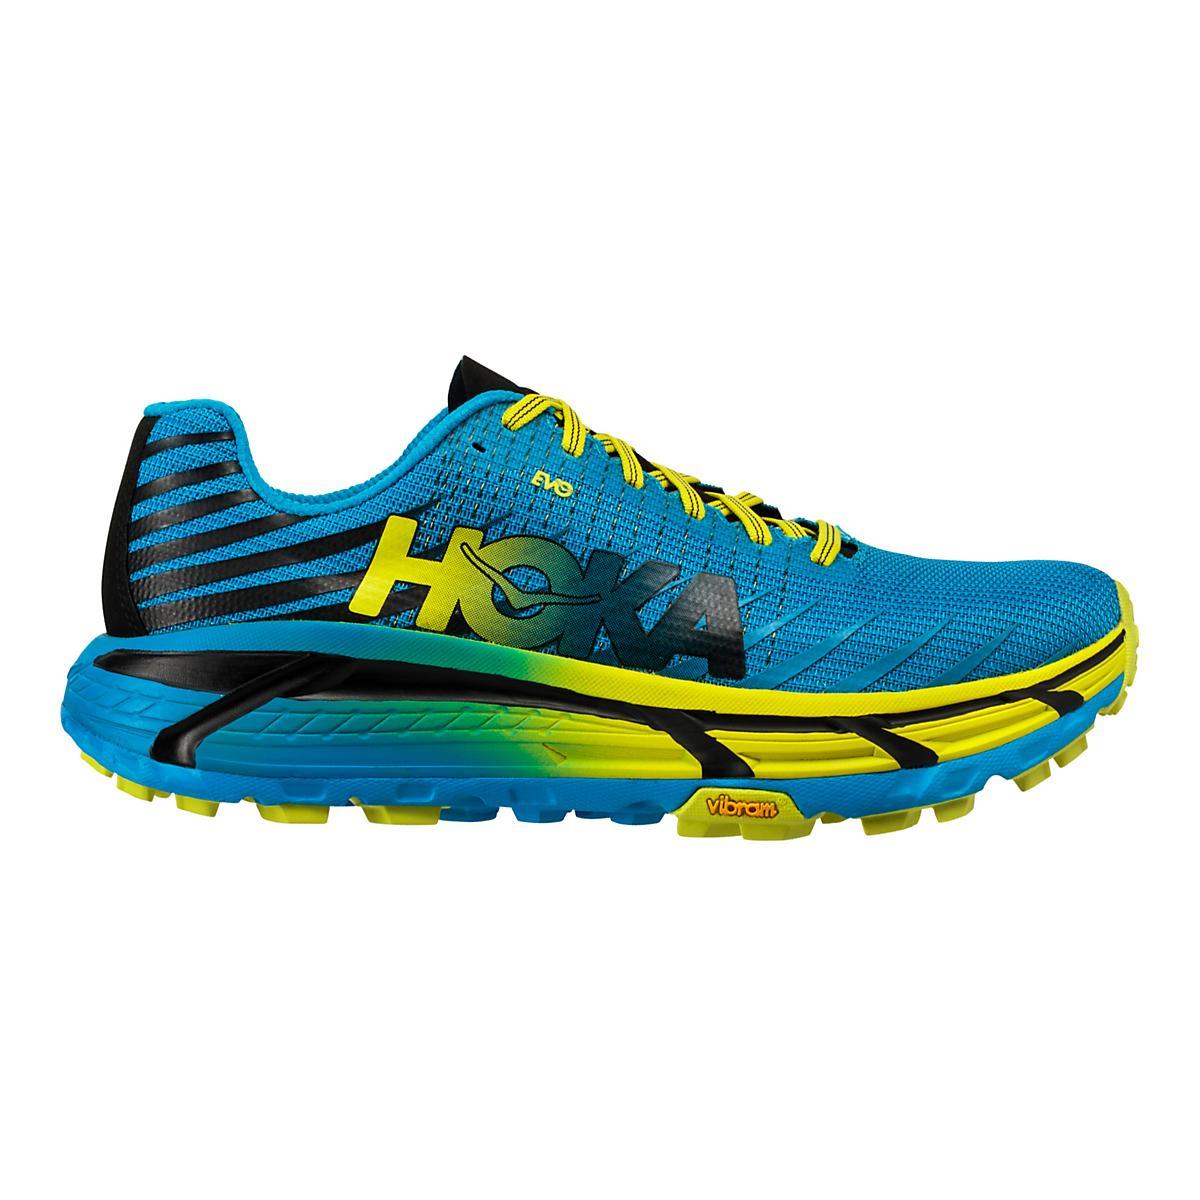 49189aab22f Mens Hoka One One Evo Mafate Trail Running Shoe at Road Runner Sports